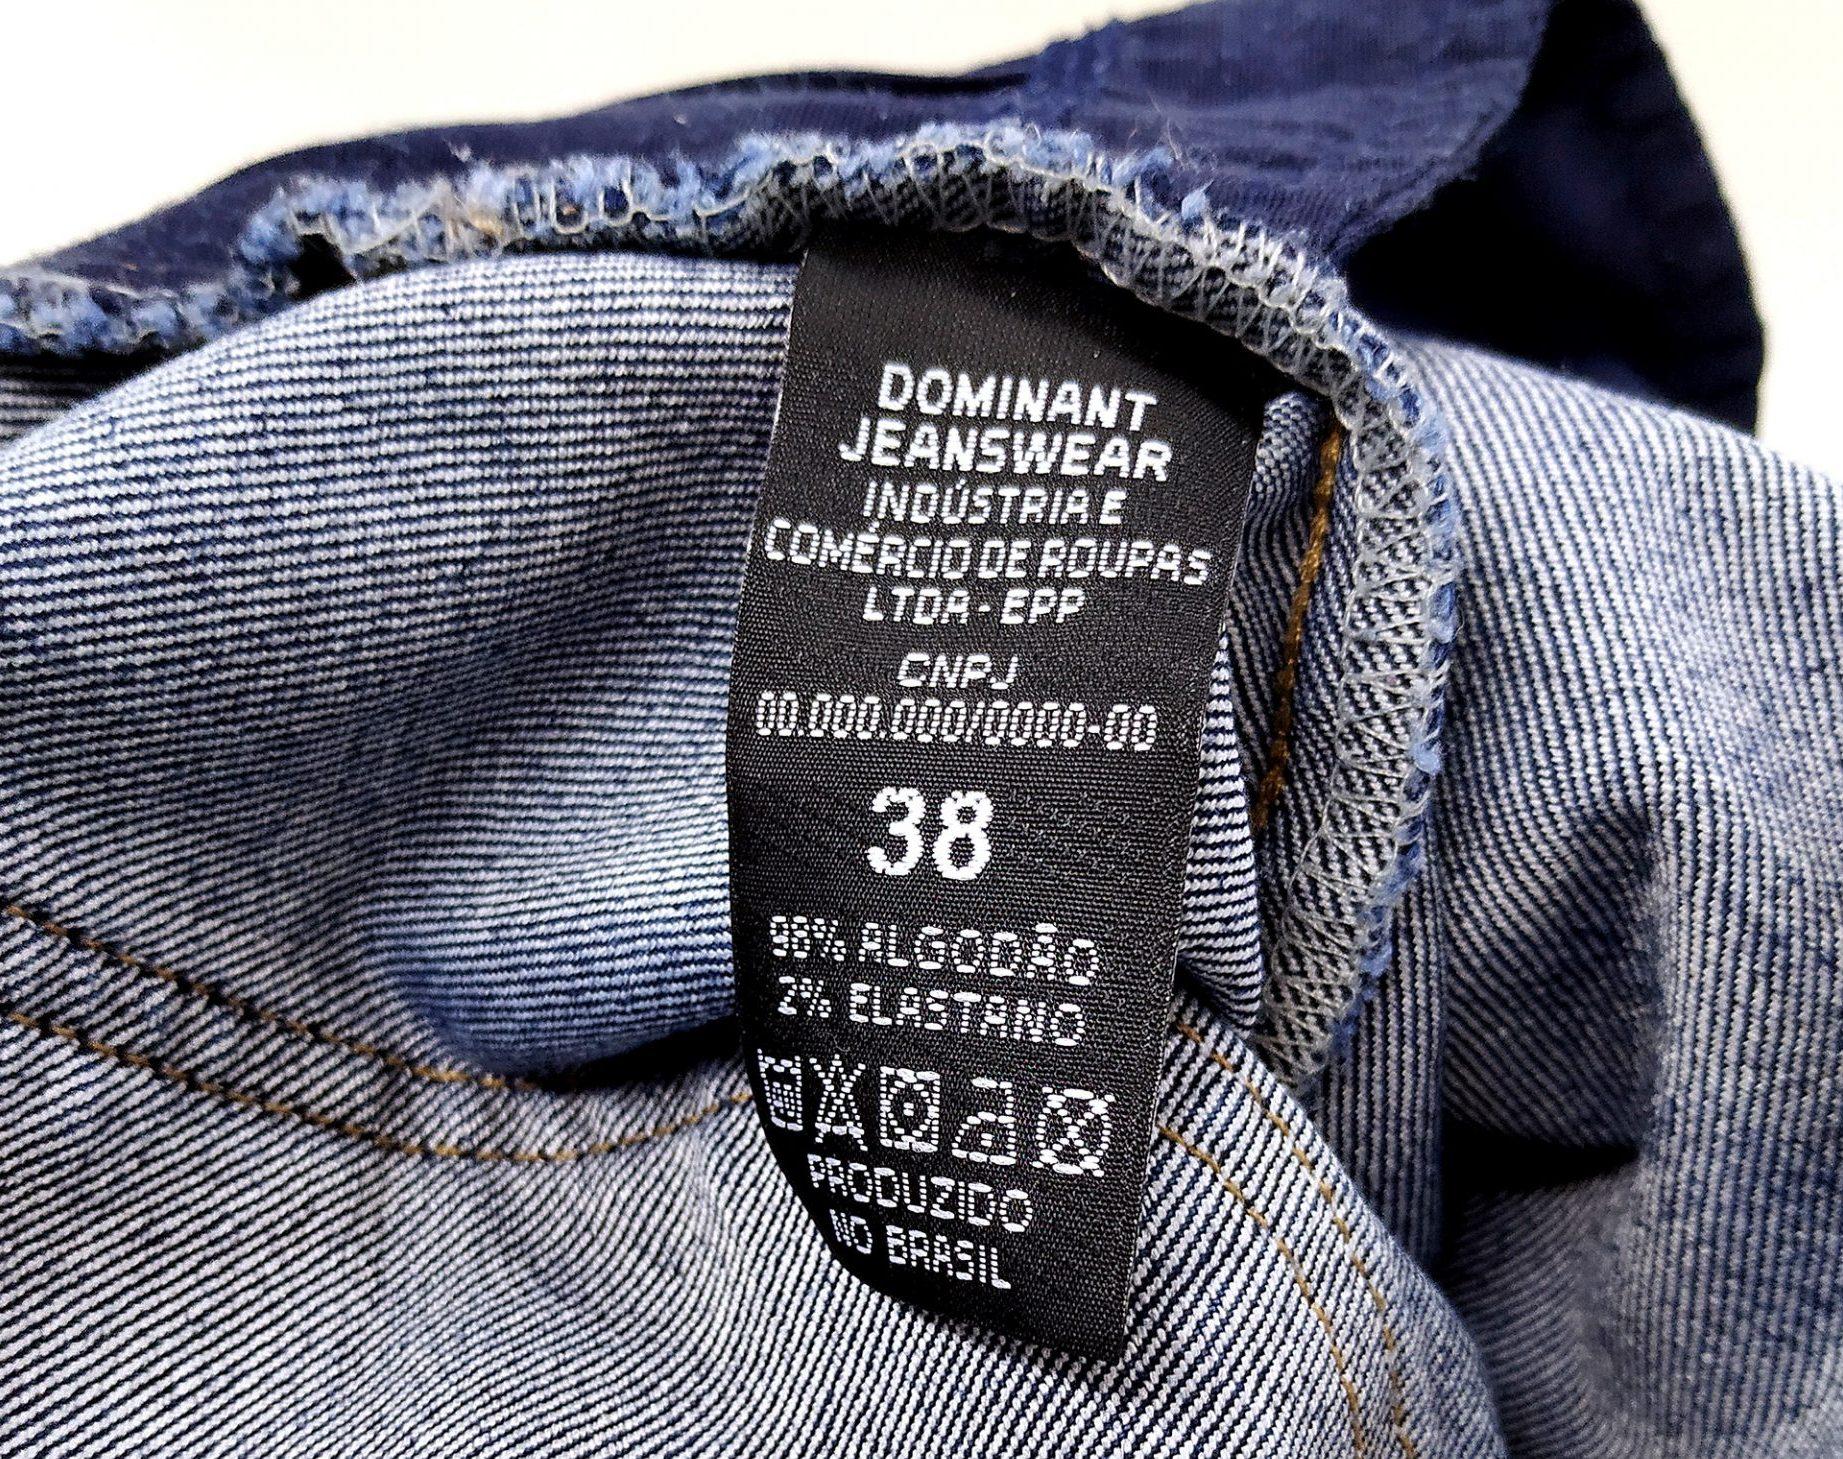 Símbolos nas etiquetas: Conheça quais os significados